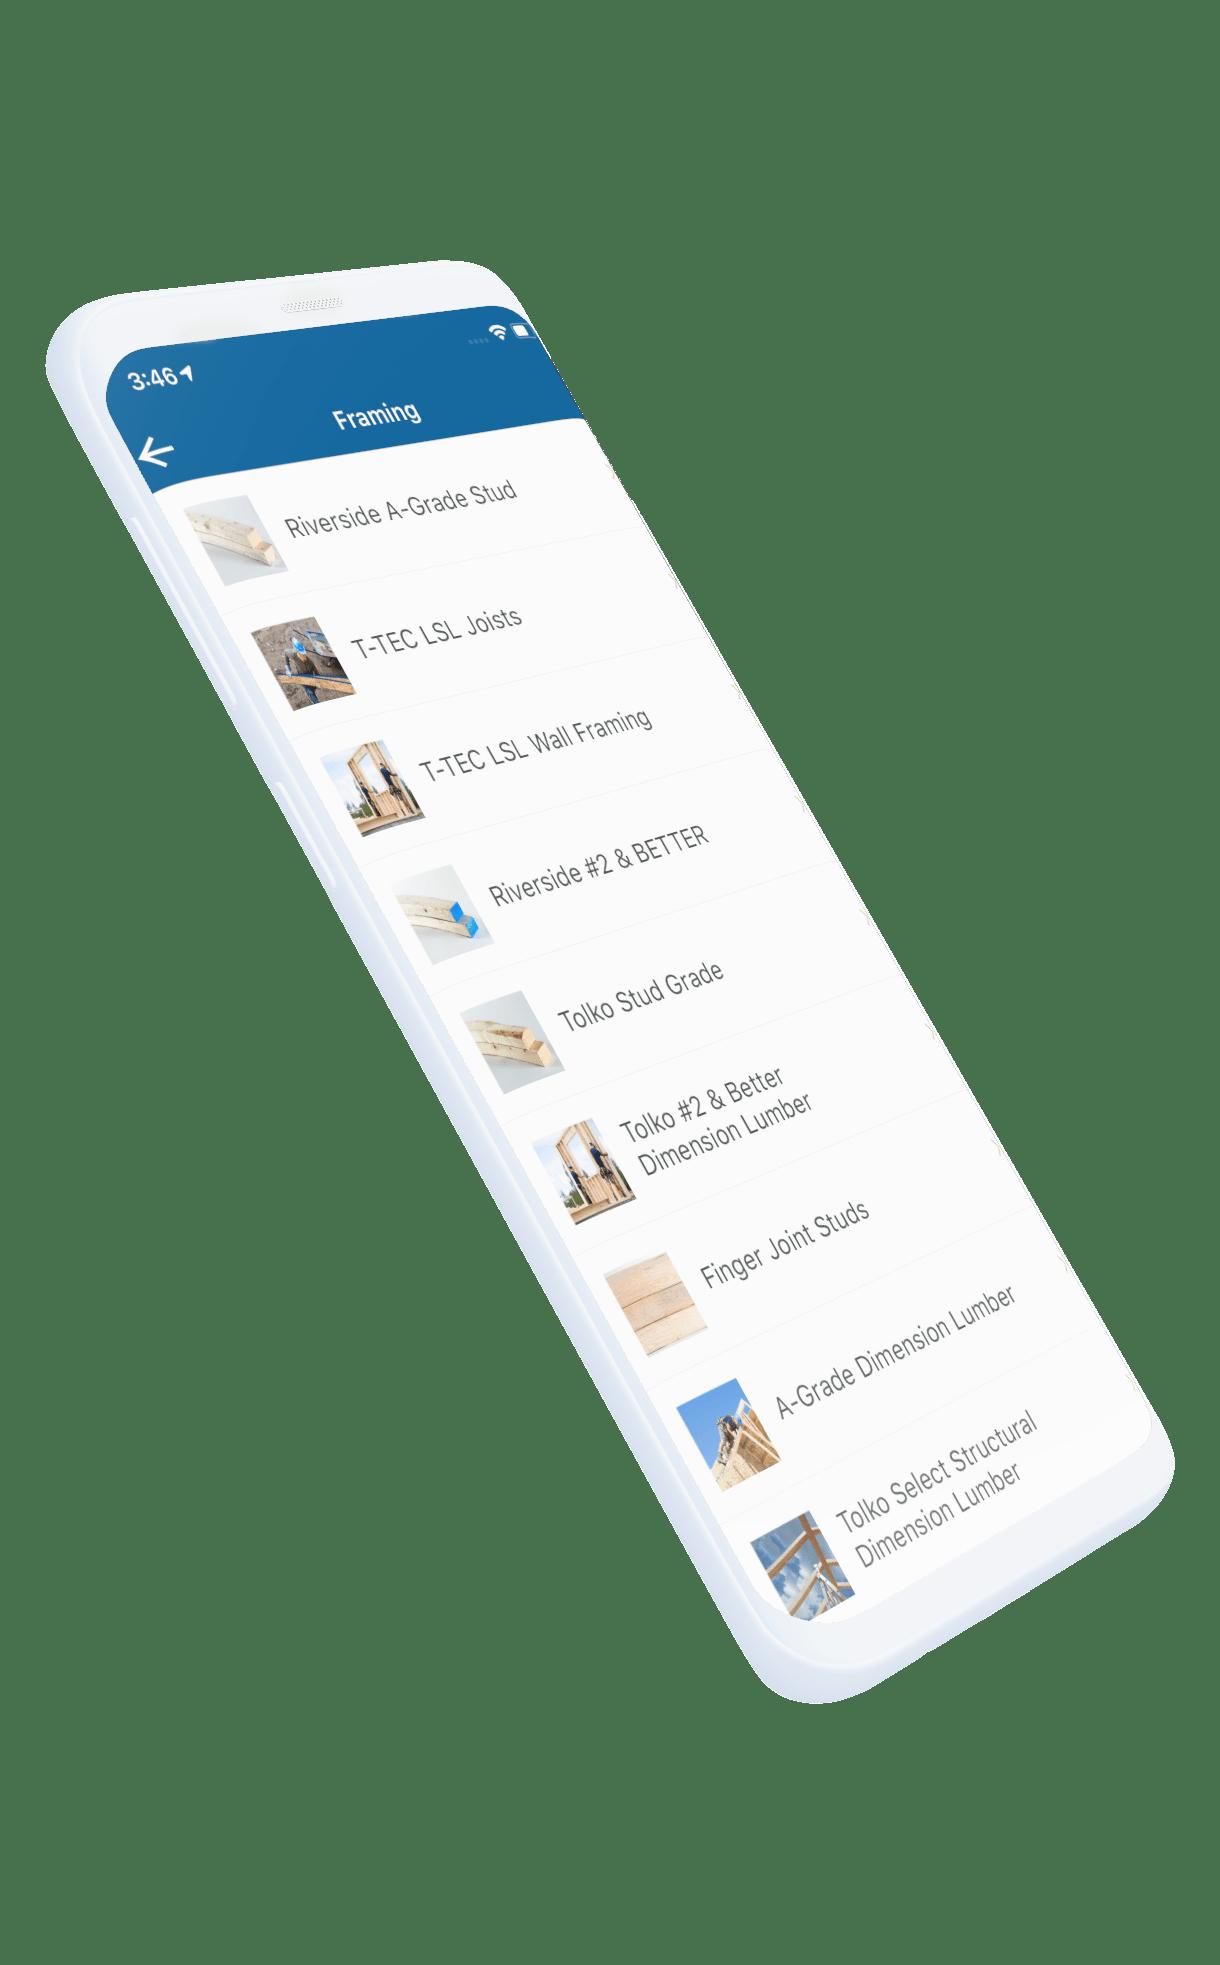 Custom app build phone picture